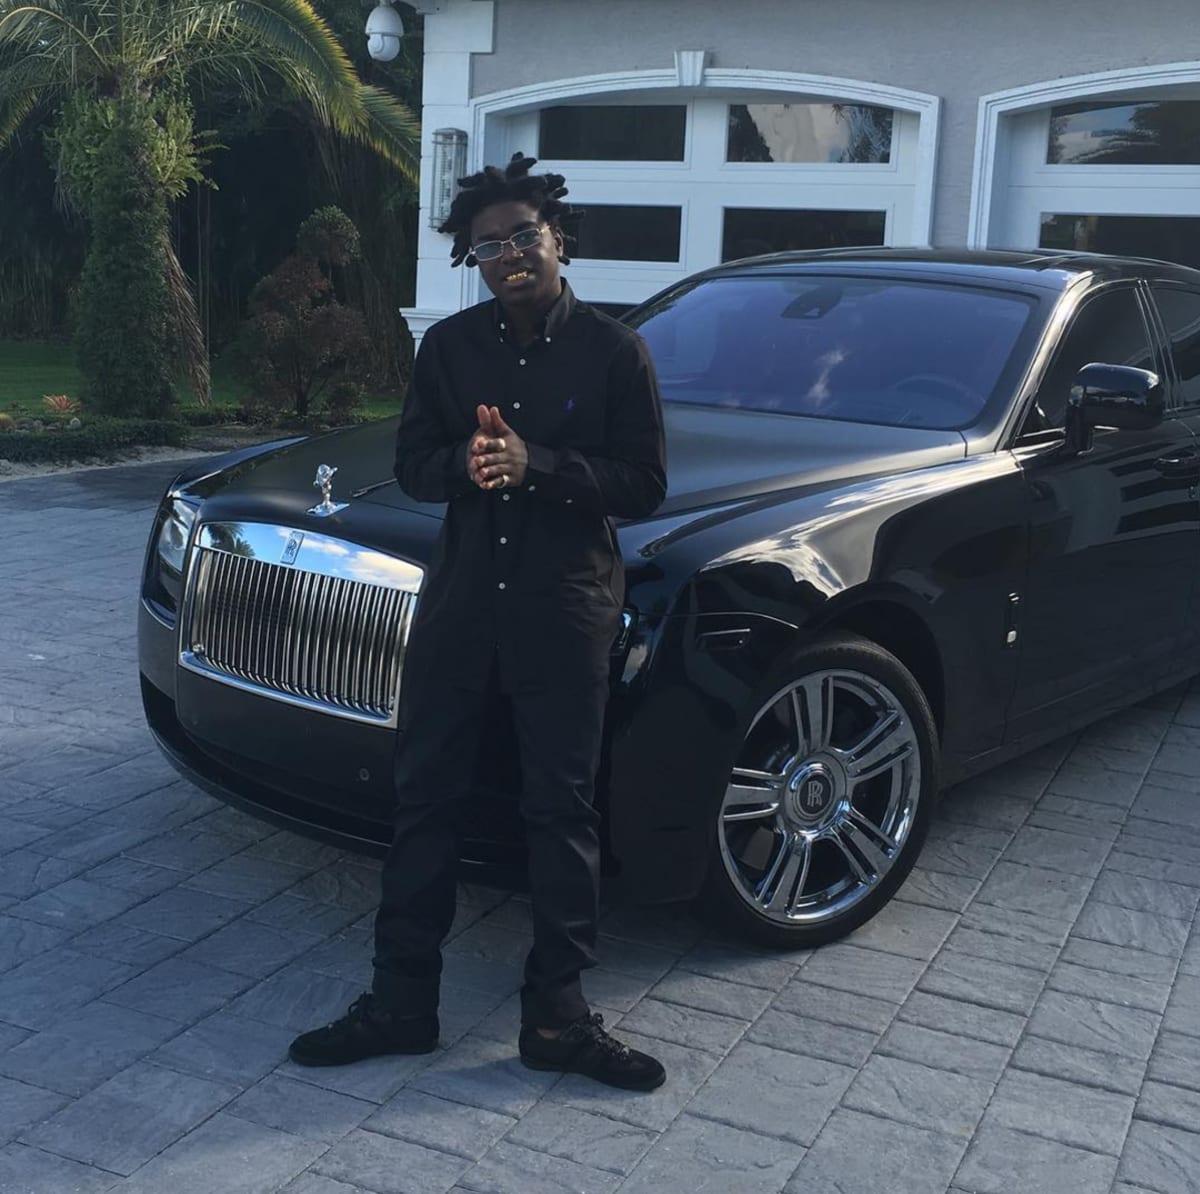 Kodak Black Challenges Lil Wayne To Fight: 'I'm Finna